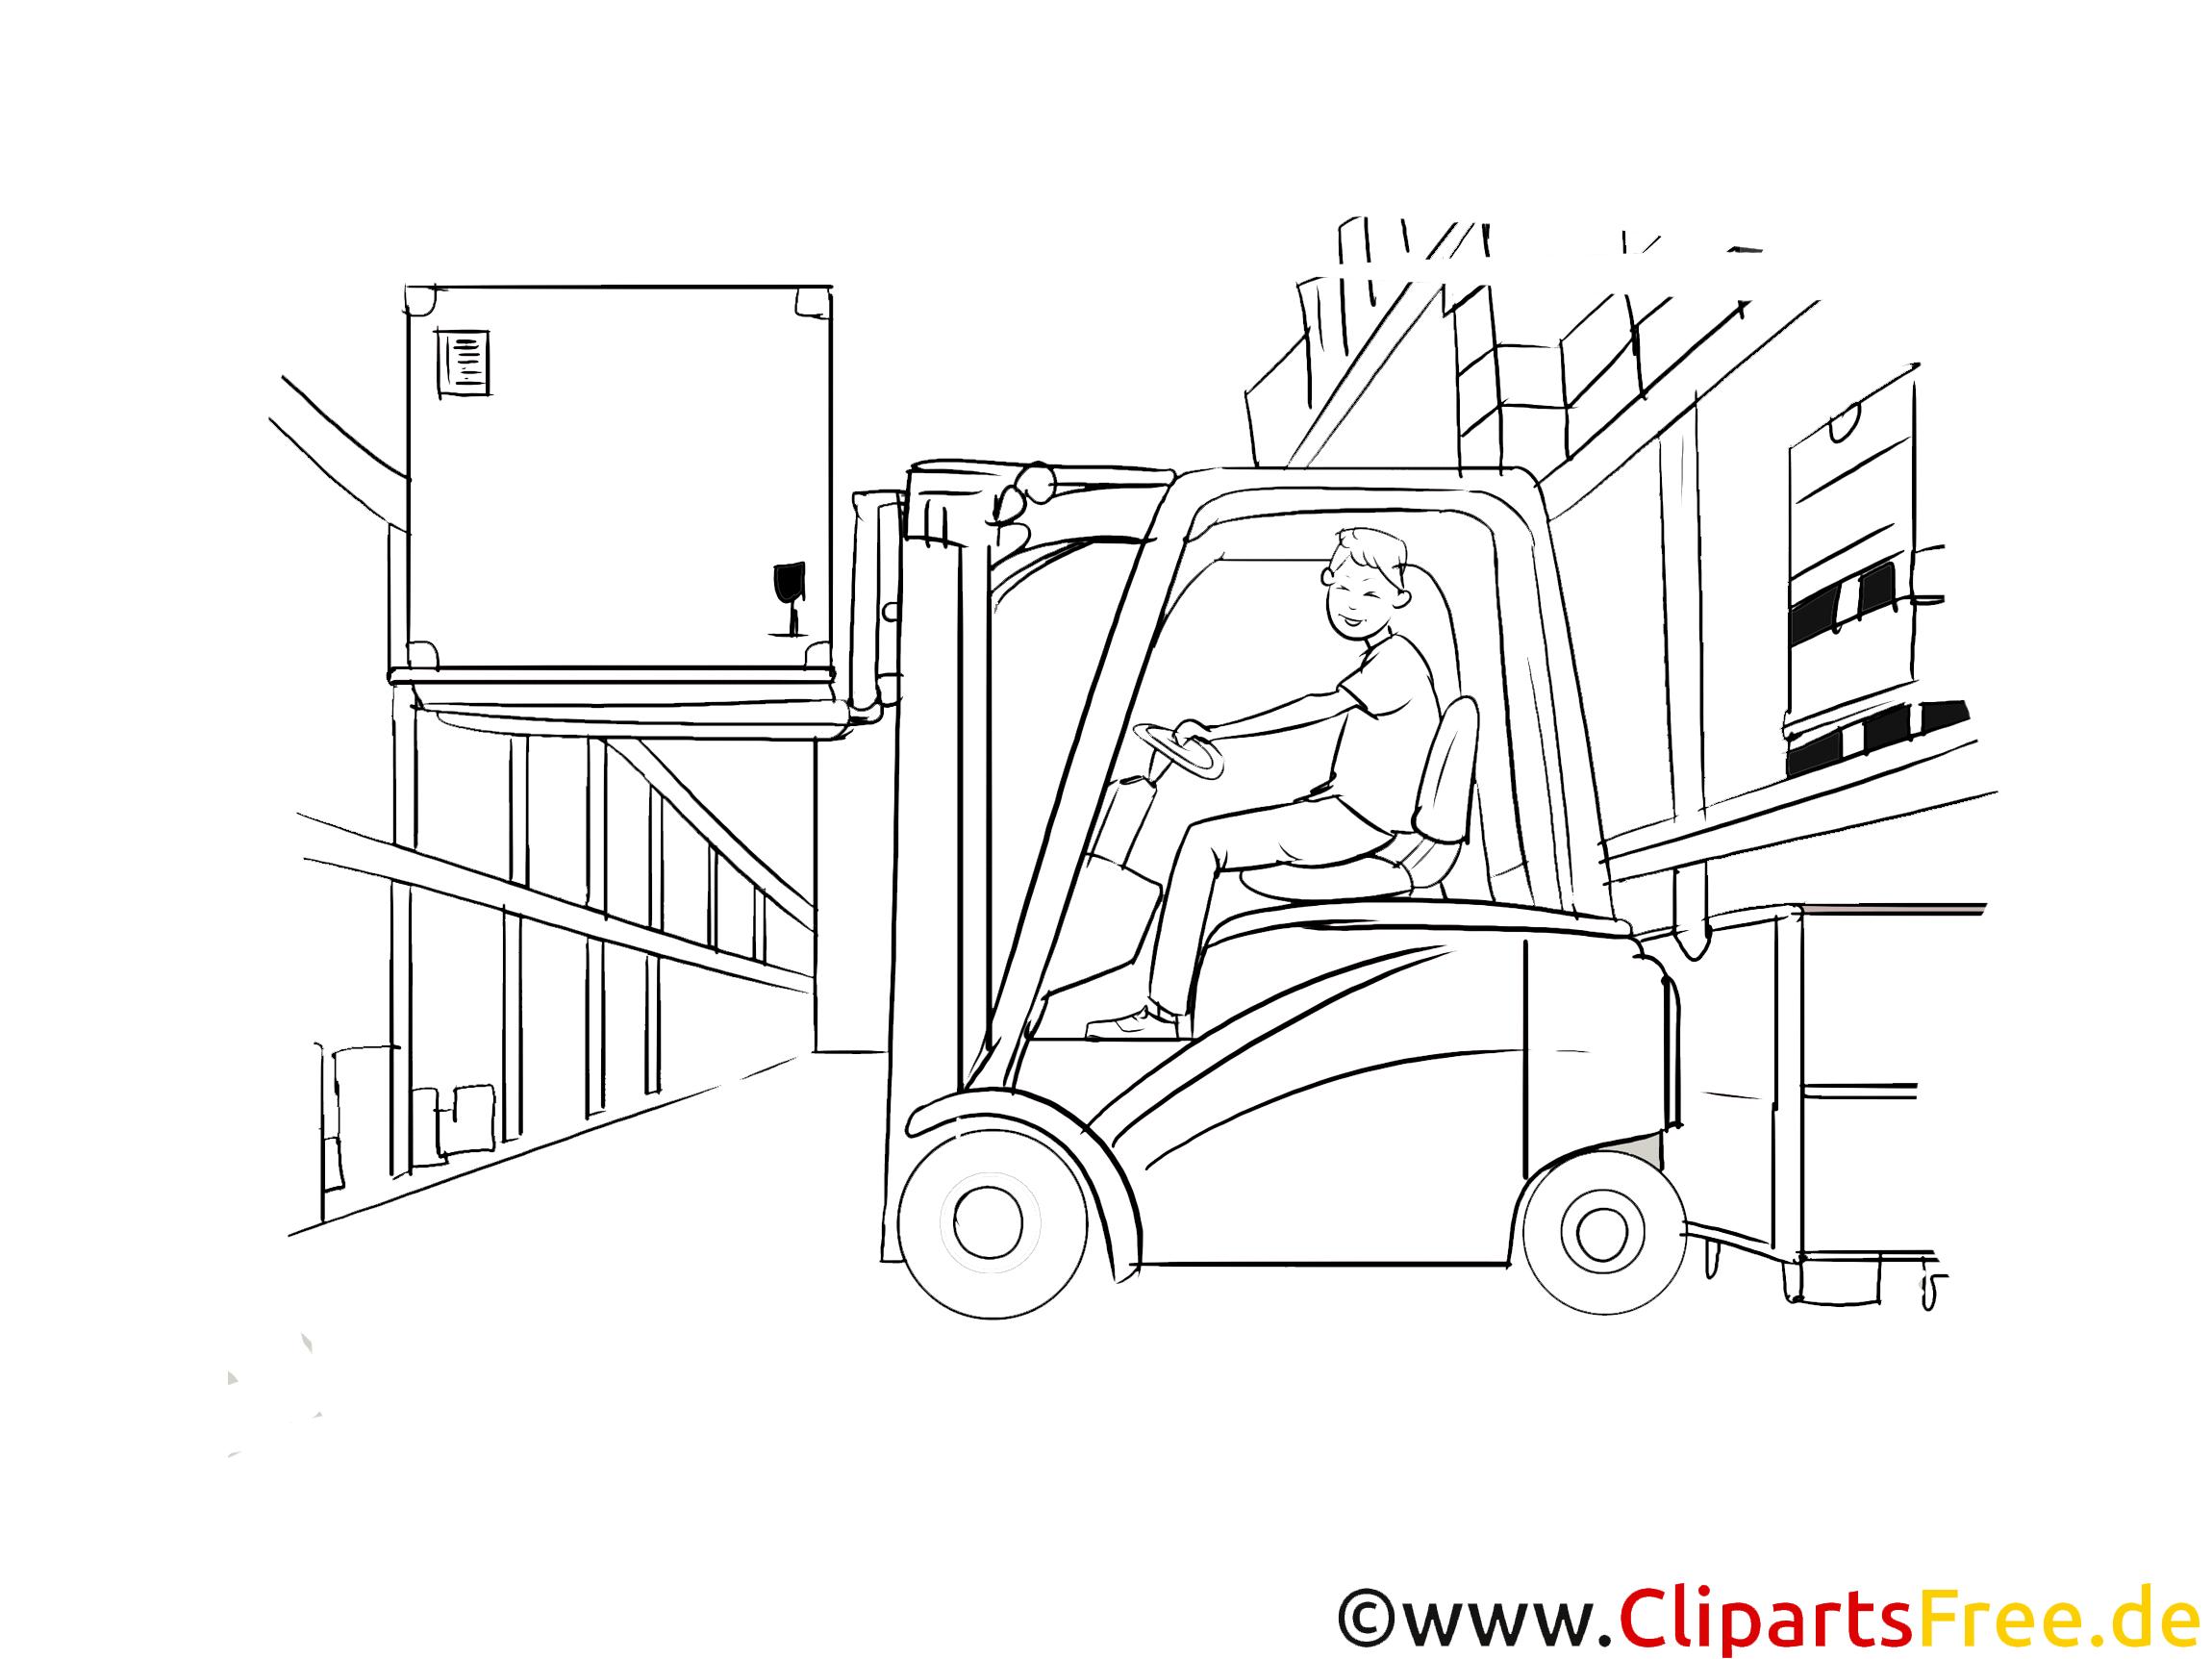 Staplerfahrer Clipart, Grafik, Bild schwarz-weiß